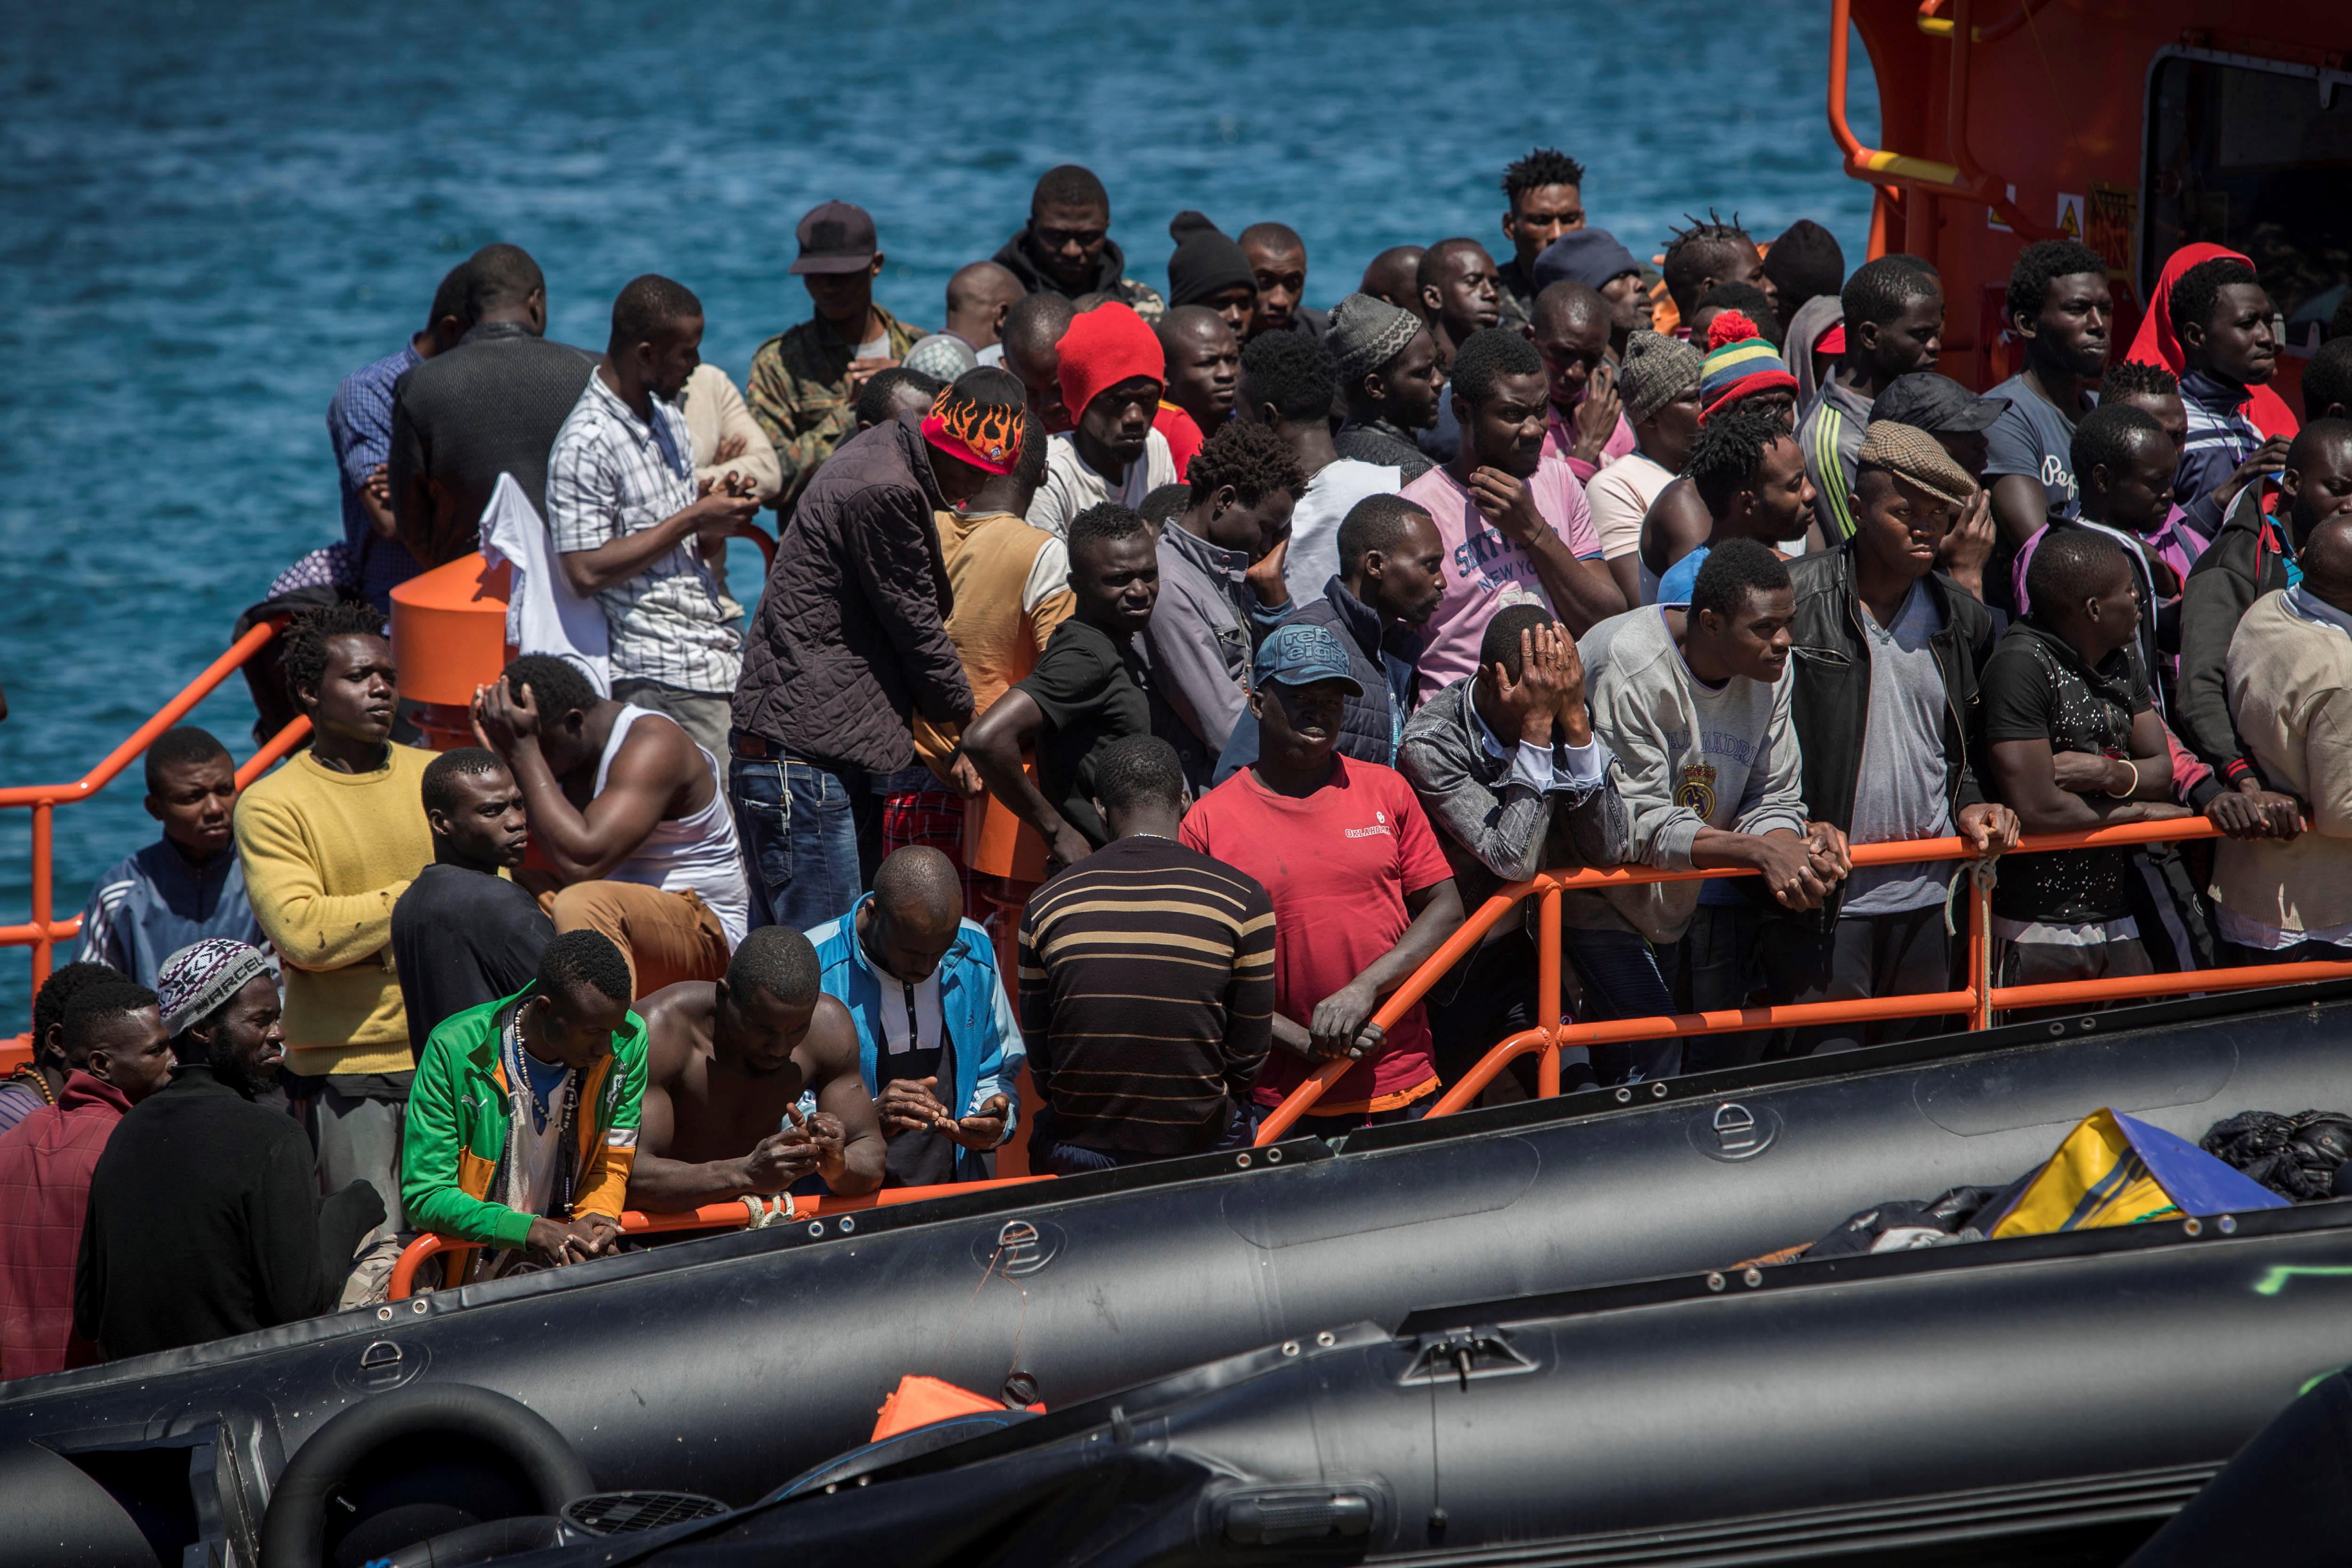 """UN """"2018. najmanje 1500 migranata poginulo u Sredozemnom moru"""""""